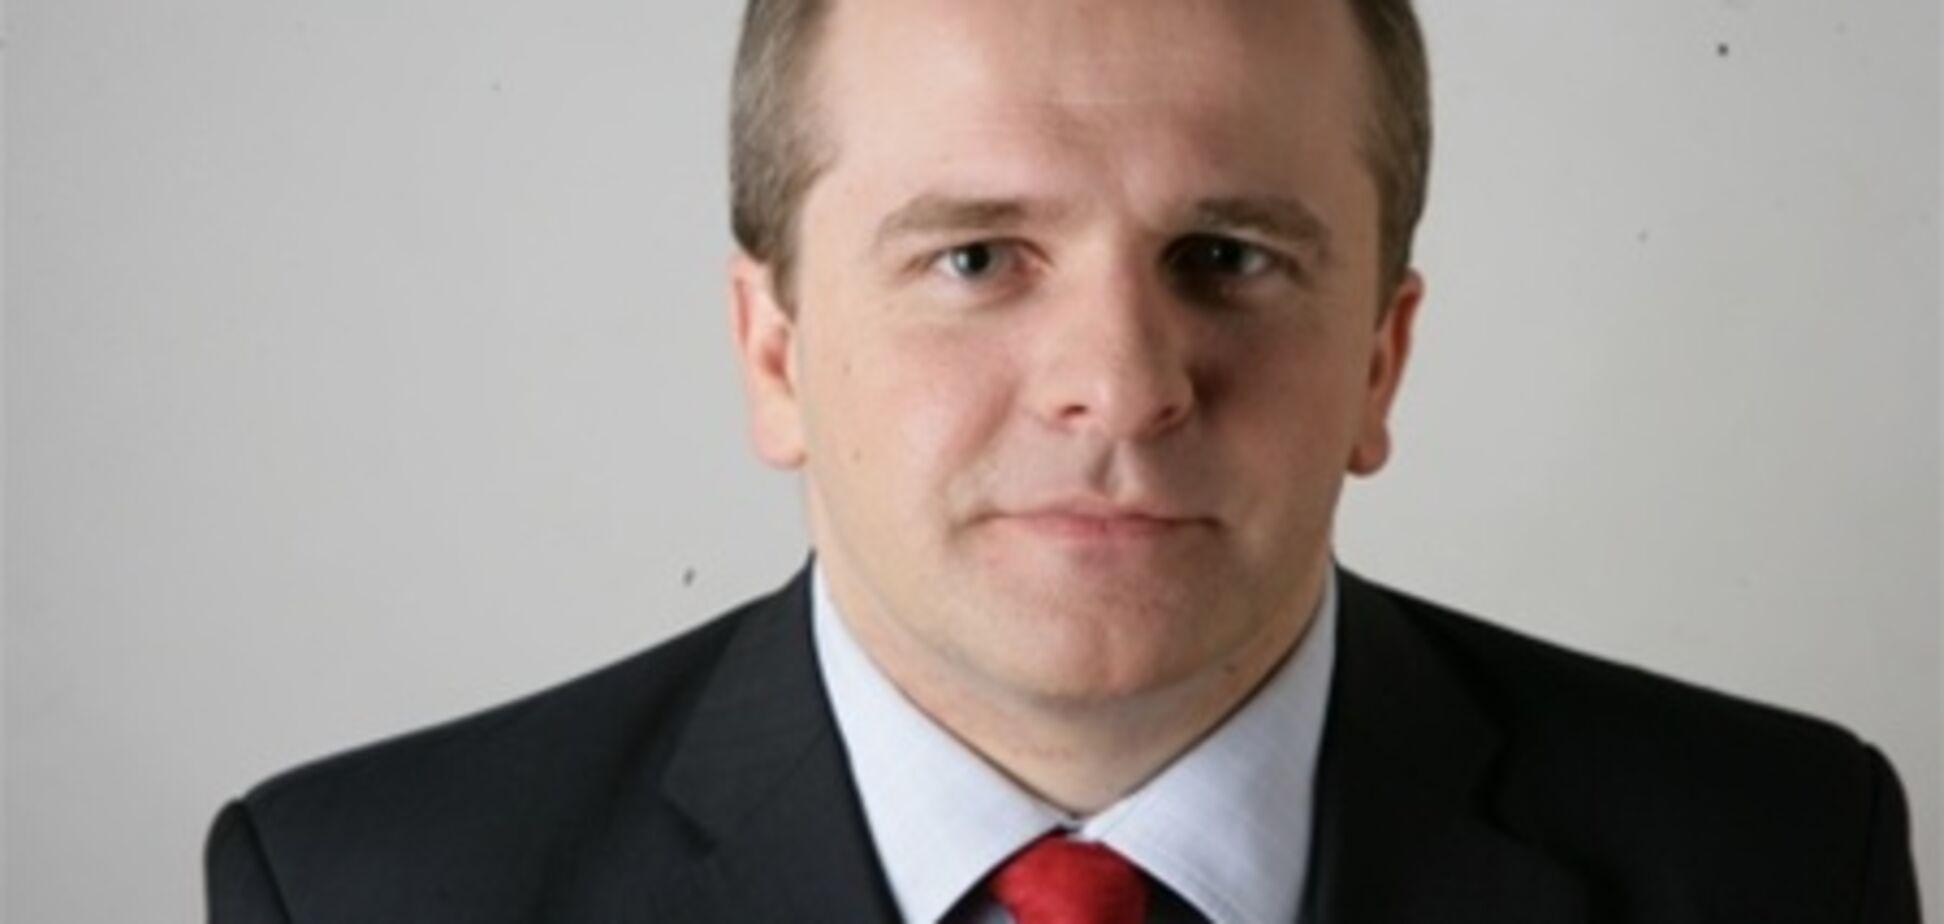 Україна і ЄС наближаються до історичного шансу - депутат Європарламенту